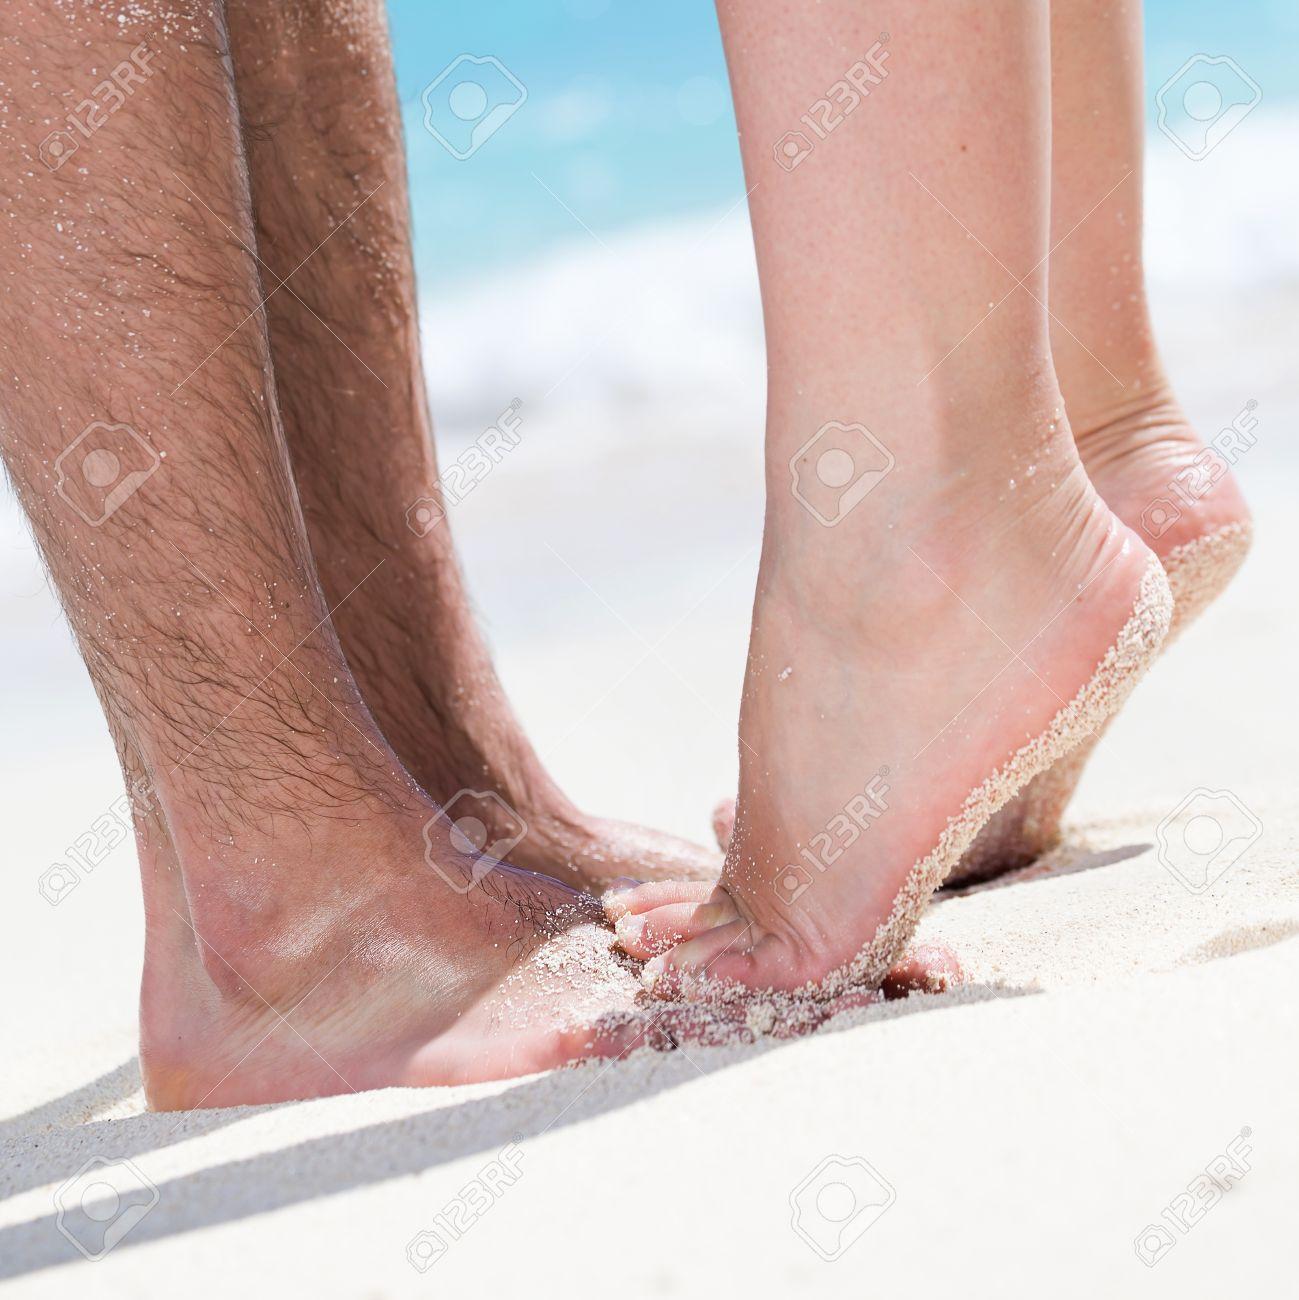 Resultado de imagem para mulher em pontas dos pés a beijar